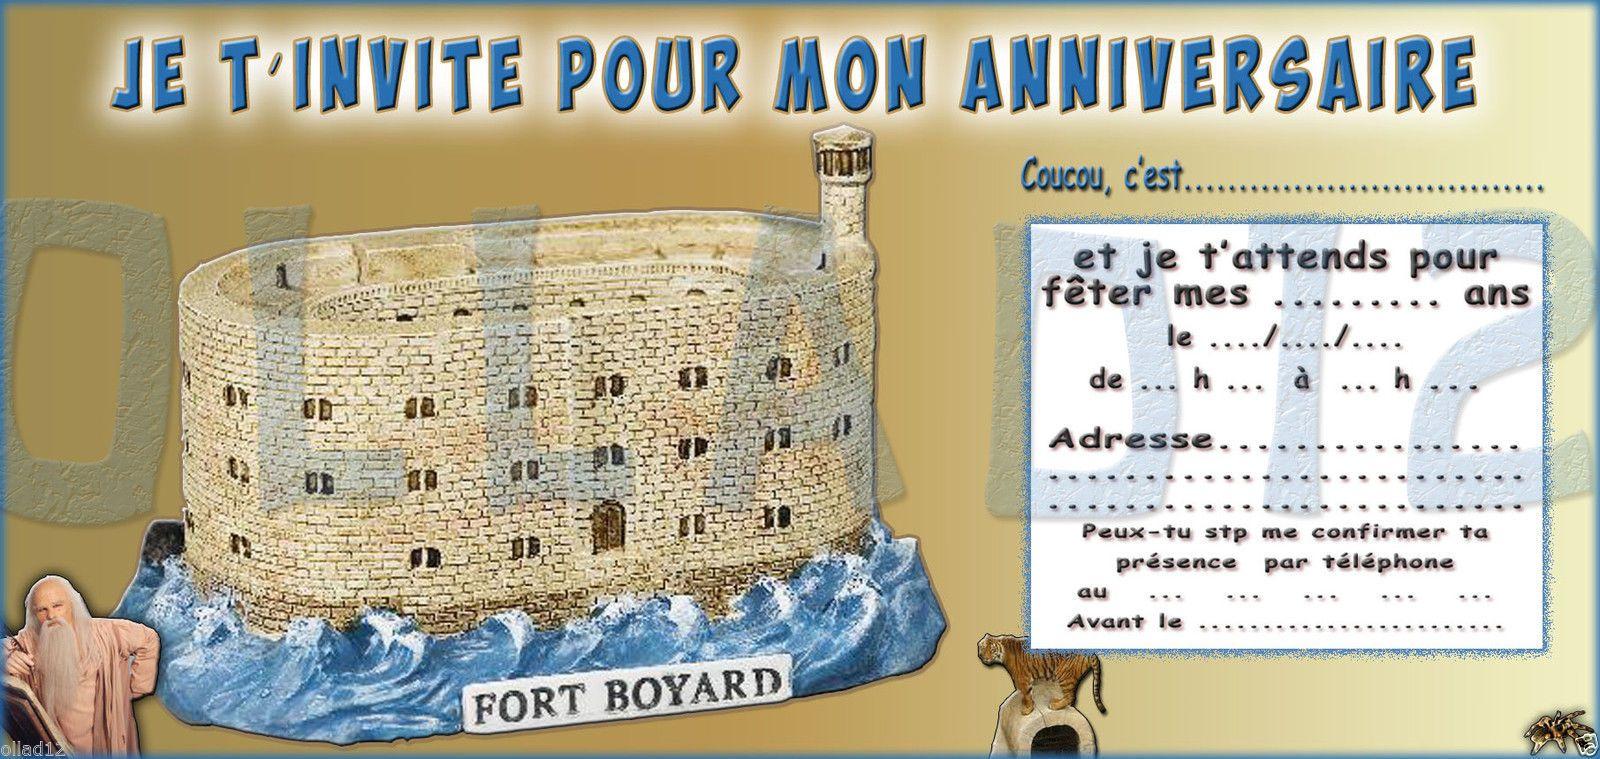 6 Cartes Invitation Anniversaire Fort Boyard Papier 250 Gr